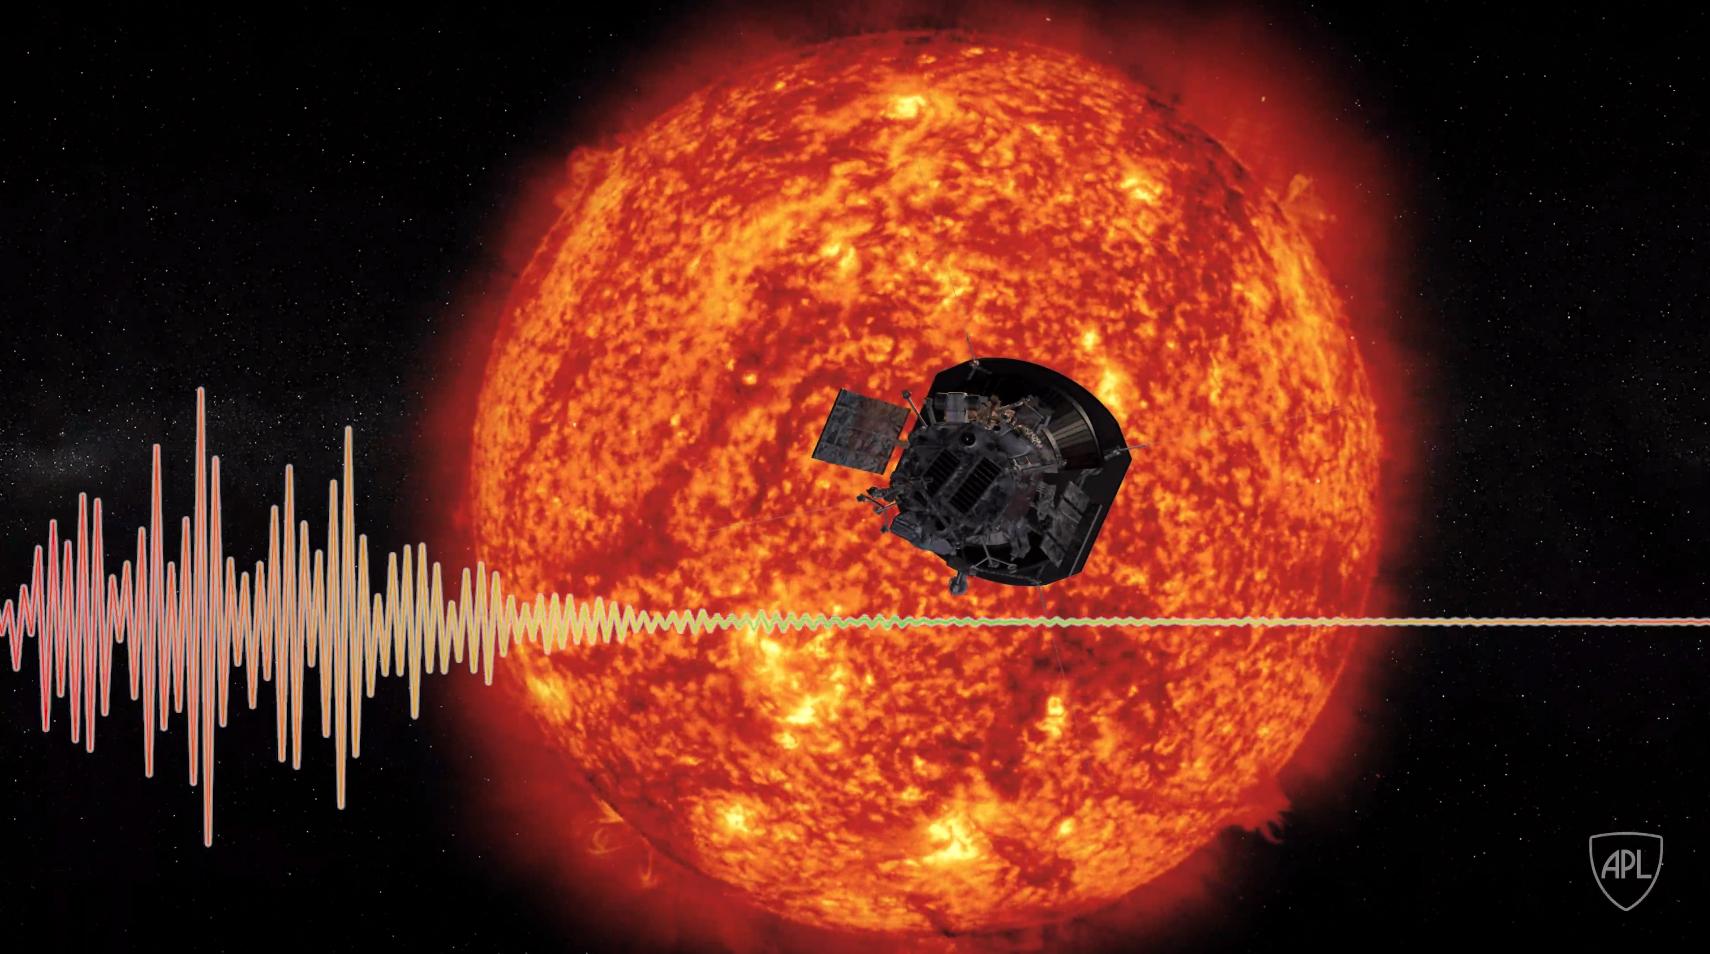 Le son du vent solaire enregistré par Parker Solar Probe